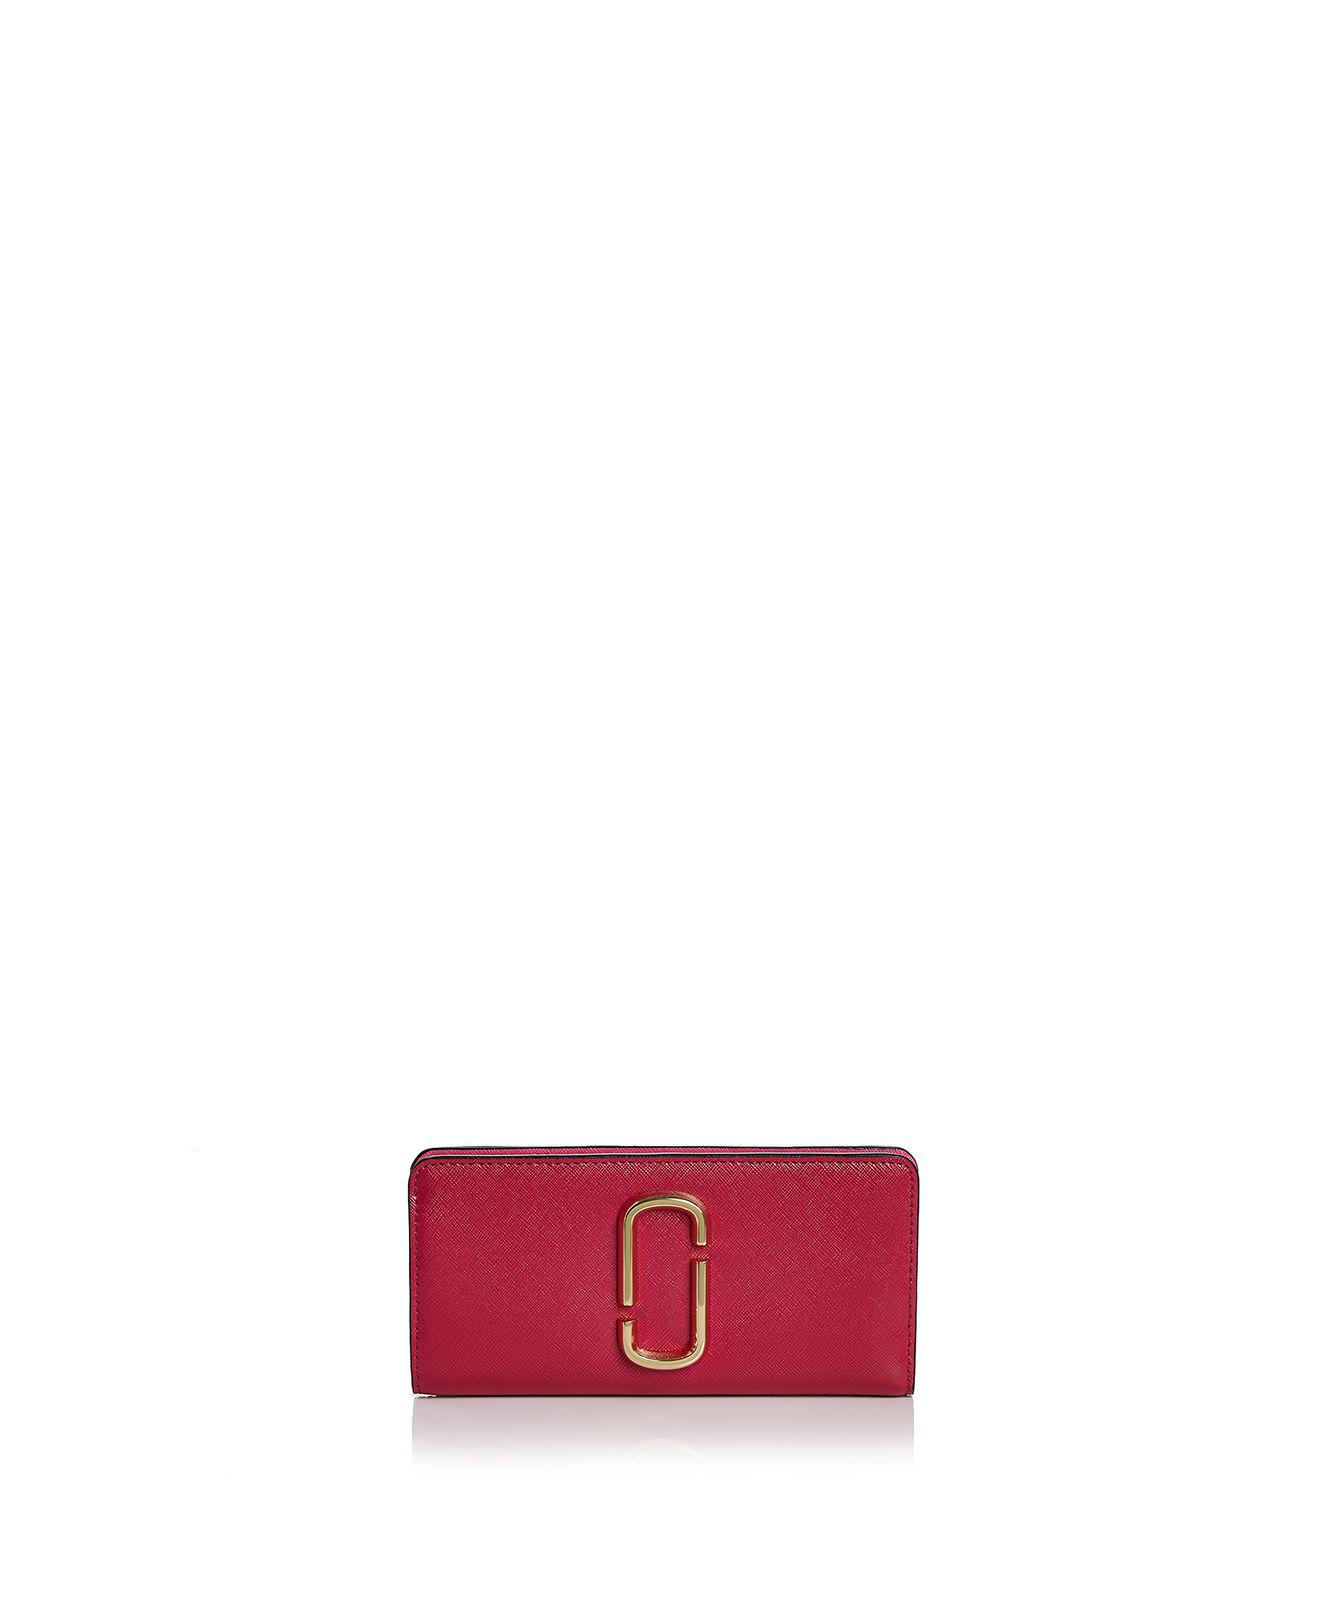 Embellished Metallic Leather Keychain - Pink Marc Jacobs 1XMyi